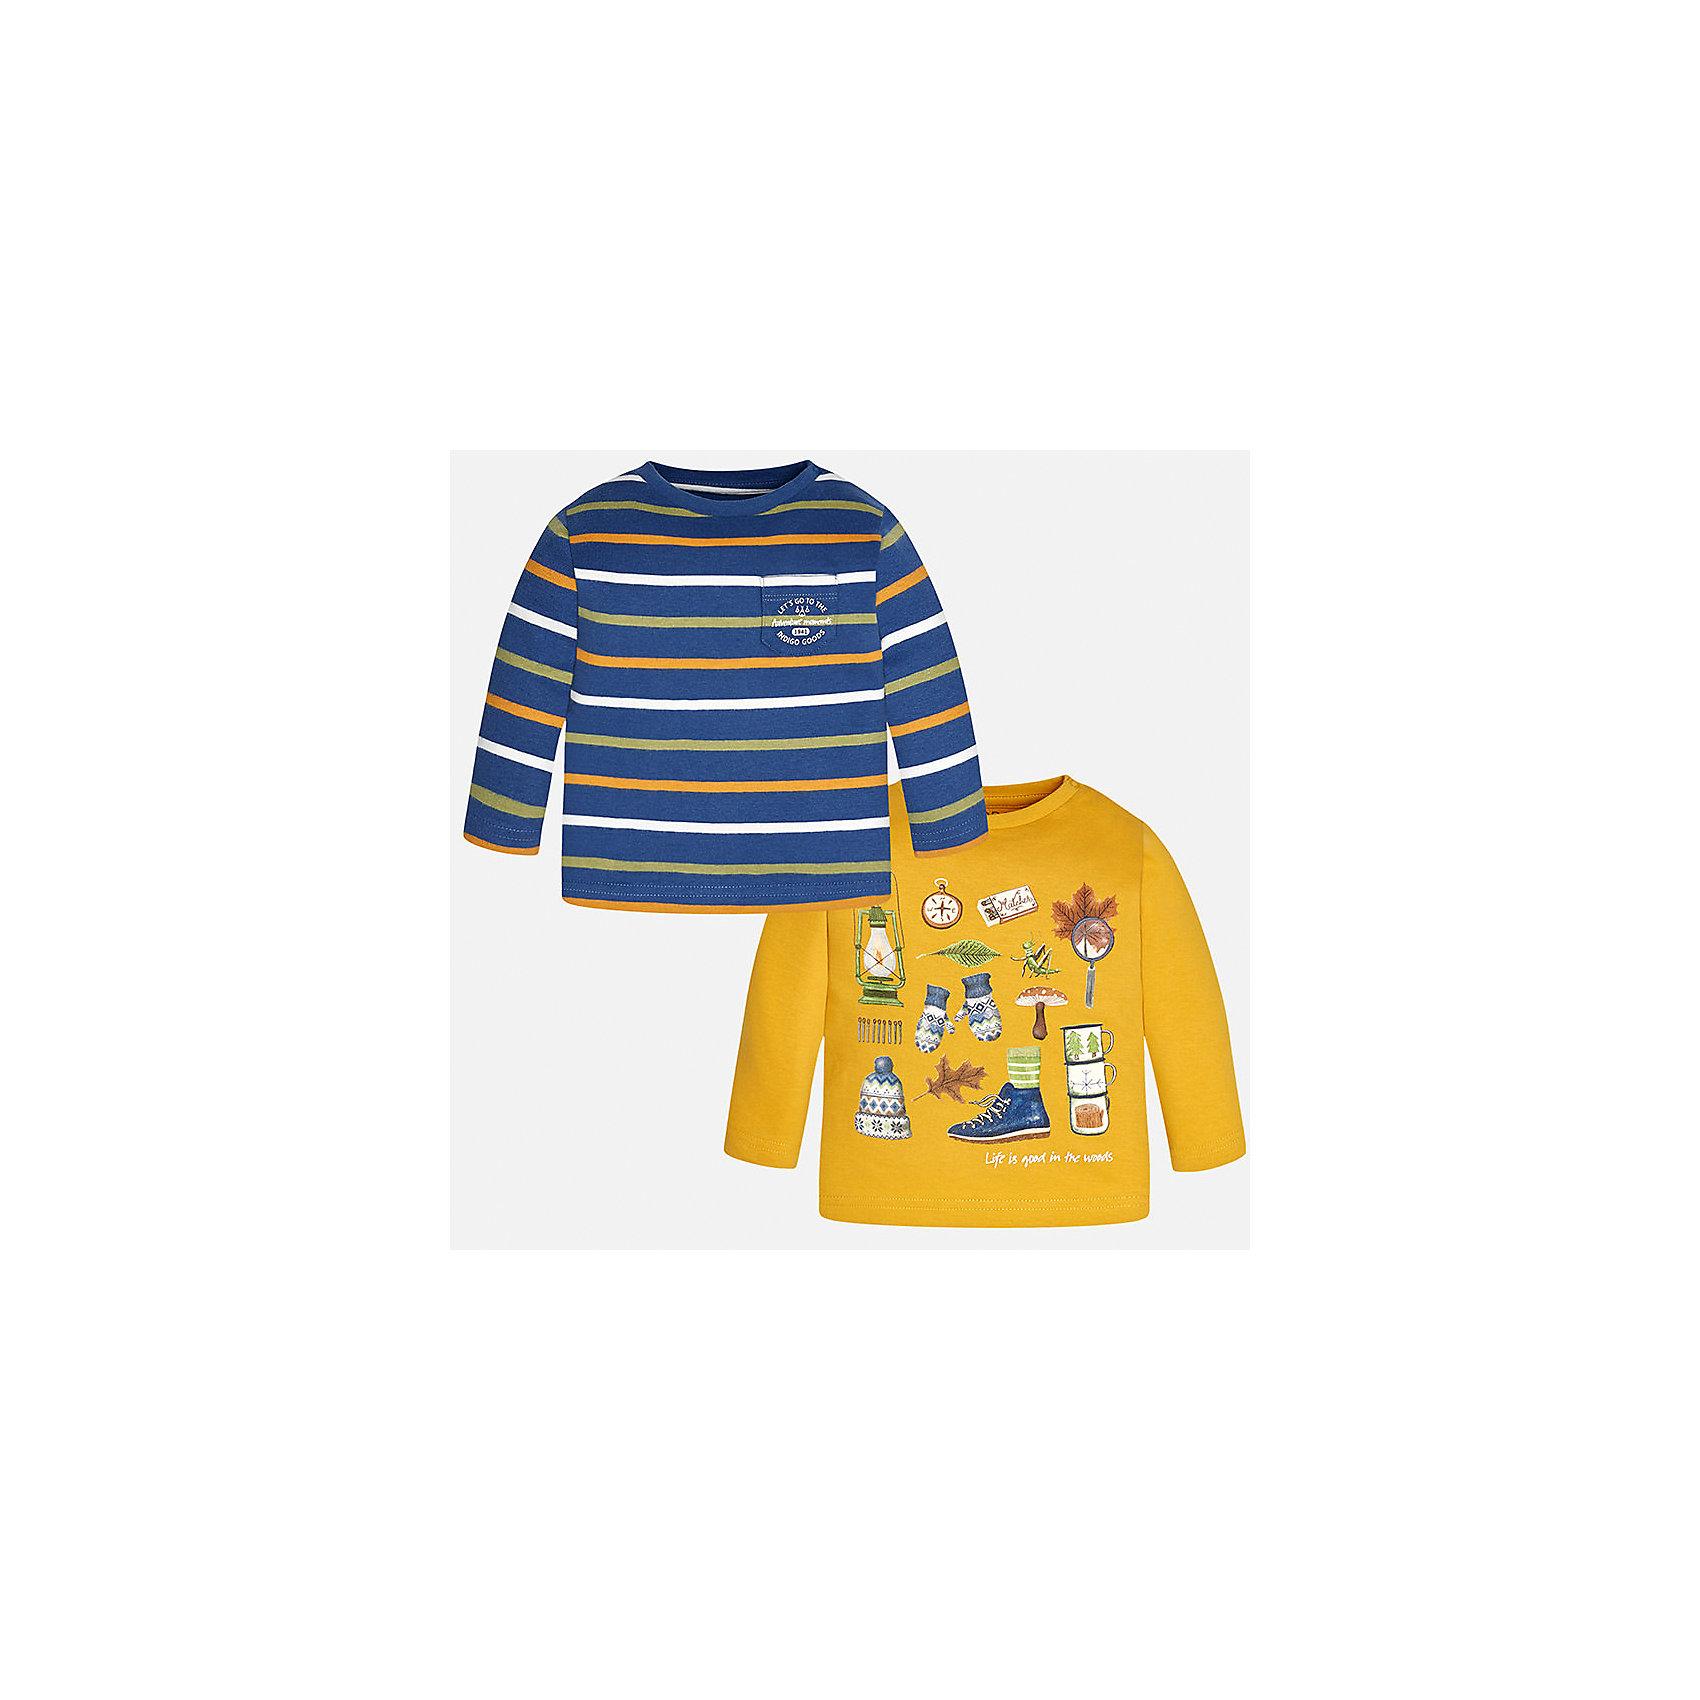 Футболка с длинным рукавом (2 шт.) Mayoral для мальчикаФутболки с длинным рукавом<br>Характеристики товара:<br><br>• цвет: желтый/синий;<br>• комплект: 2 шт.;<br>• состав ткани: 100% хлопок;<br>• длинный рукав;<br>• рисунок: принт;<br>• кнопка на воротнике;<br>• сезон: демисезон;<br>• страна бренда: Испания;<br>• страна изготовитель: Индия.<br><br>Комплект из двух футболок с длинным рукавом для мальчика от популярного бренда Mayoral  выполнен из натурального хлопка, ткань эластичная и приятная на ощупь. Жёлтая модель декорирована оригинальным принтом, модель в контрастную полоску дополнена нагрудным кармашком. Обе модели имеют круглый вырез и кнопки по плечевому шву для удобства переодевания малыша.  <br><br>Комплект очень практичен и долгий в носке, цвет не тускнеет, смотрятся аккуратно и стильно. Идеально подходит для повседневной одежды как дома, так и на прогулку.<br><br>Для производства детской одежды популярный бренд Mayoral используют только качественную фурнитуру и материалы. Оригинальные и модные вещи от Майорал неизменно привлекают внимание и нравятся детям.<br><br>Ширина мм: 230<br>Глубина мм: 40<br>Высота мм: 220<br>Вес г: 250<br>Цвет: желтый<br>Возраст от месяцев: 6<br>Возраст до месяцев: 9<br>Пол: Мужской<br>Возраст: Детский<br>Размер: 74,98,80,86,92<br>SKU: 6932422